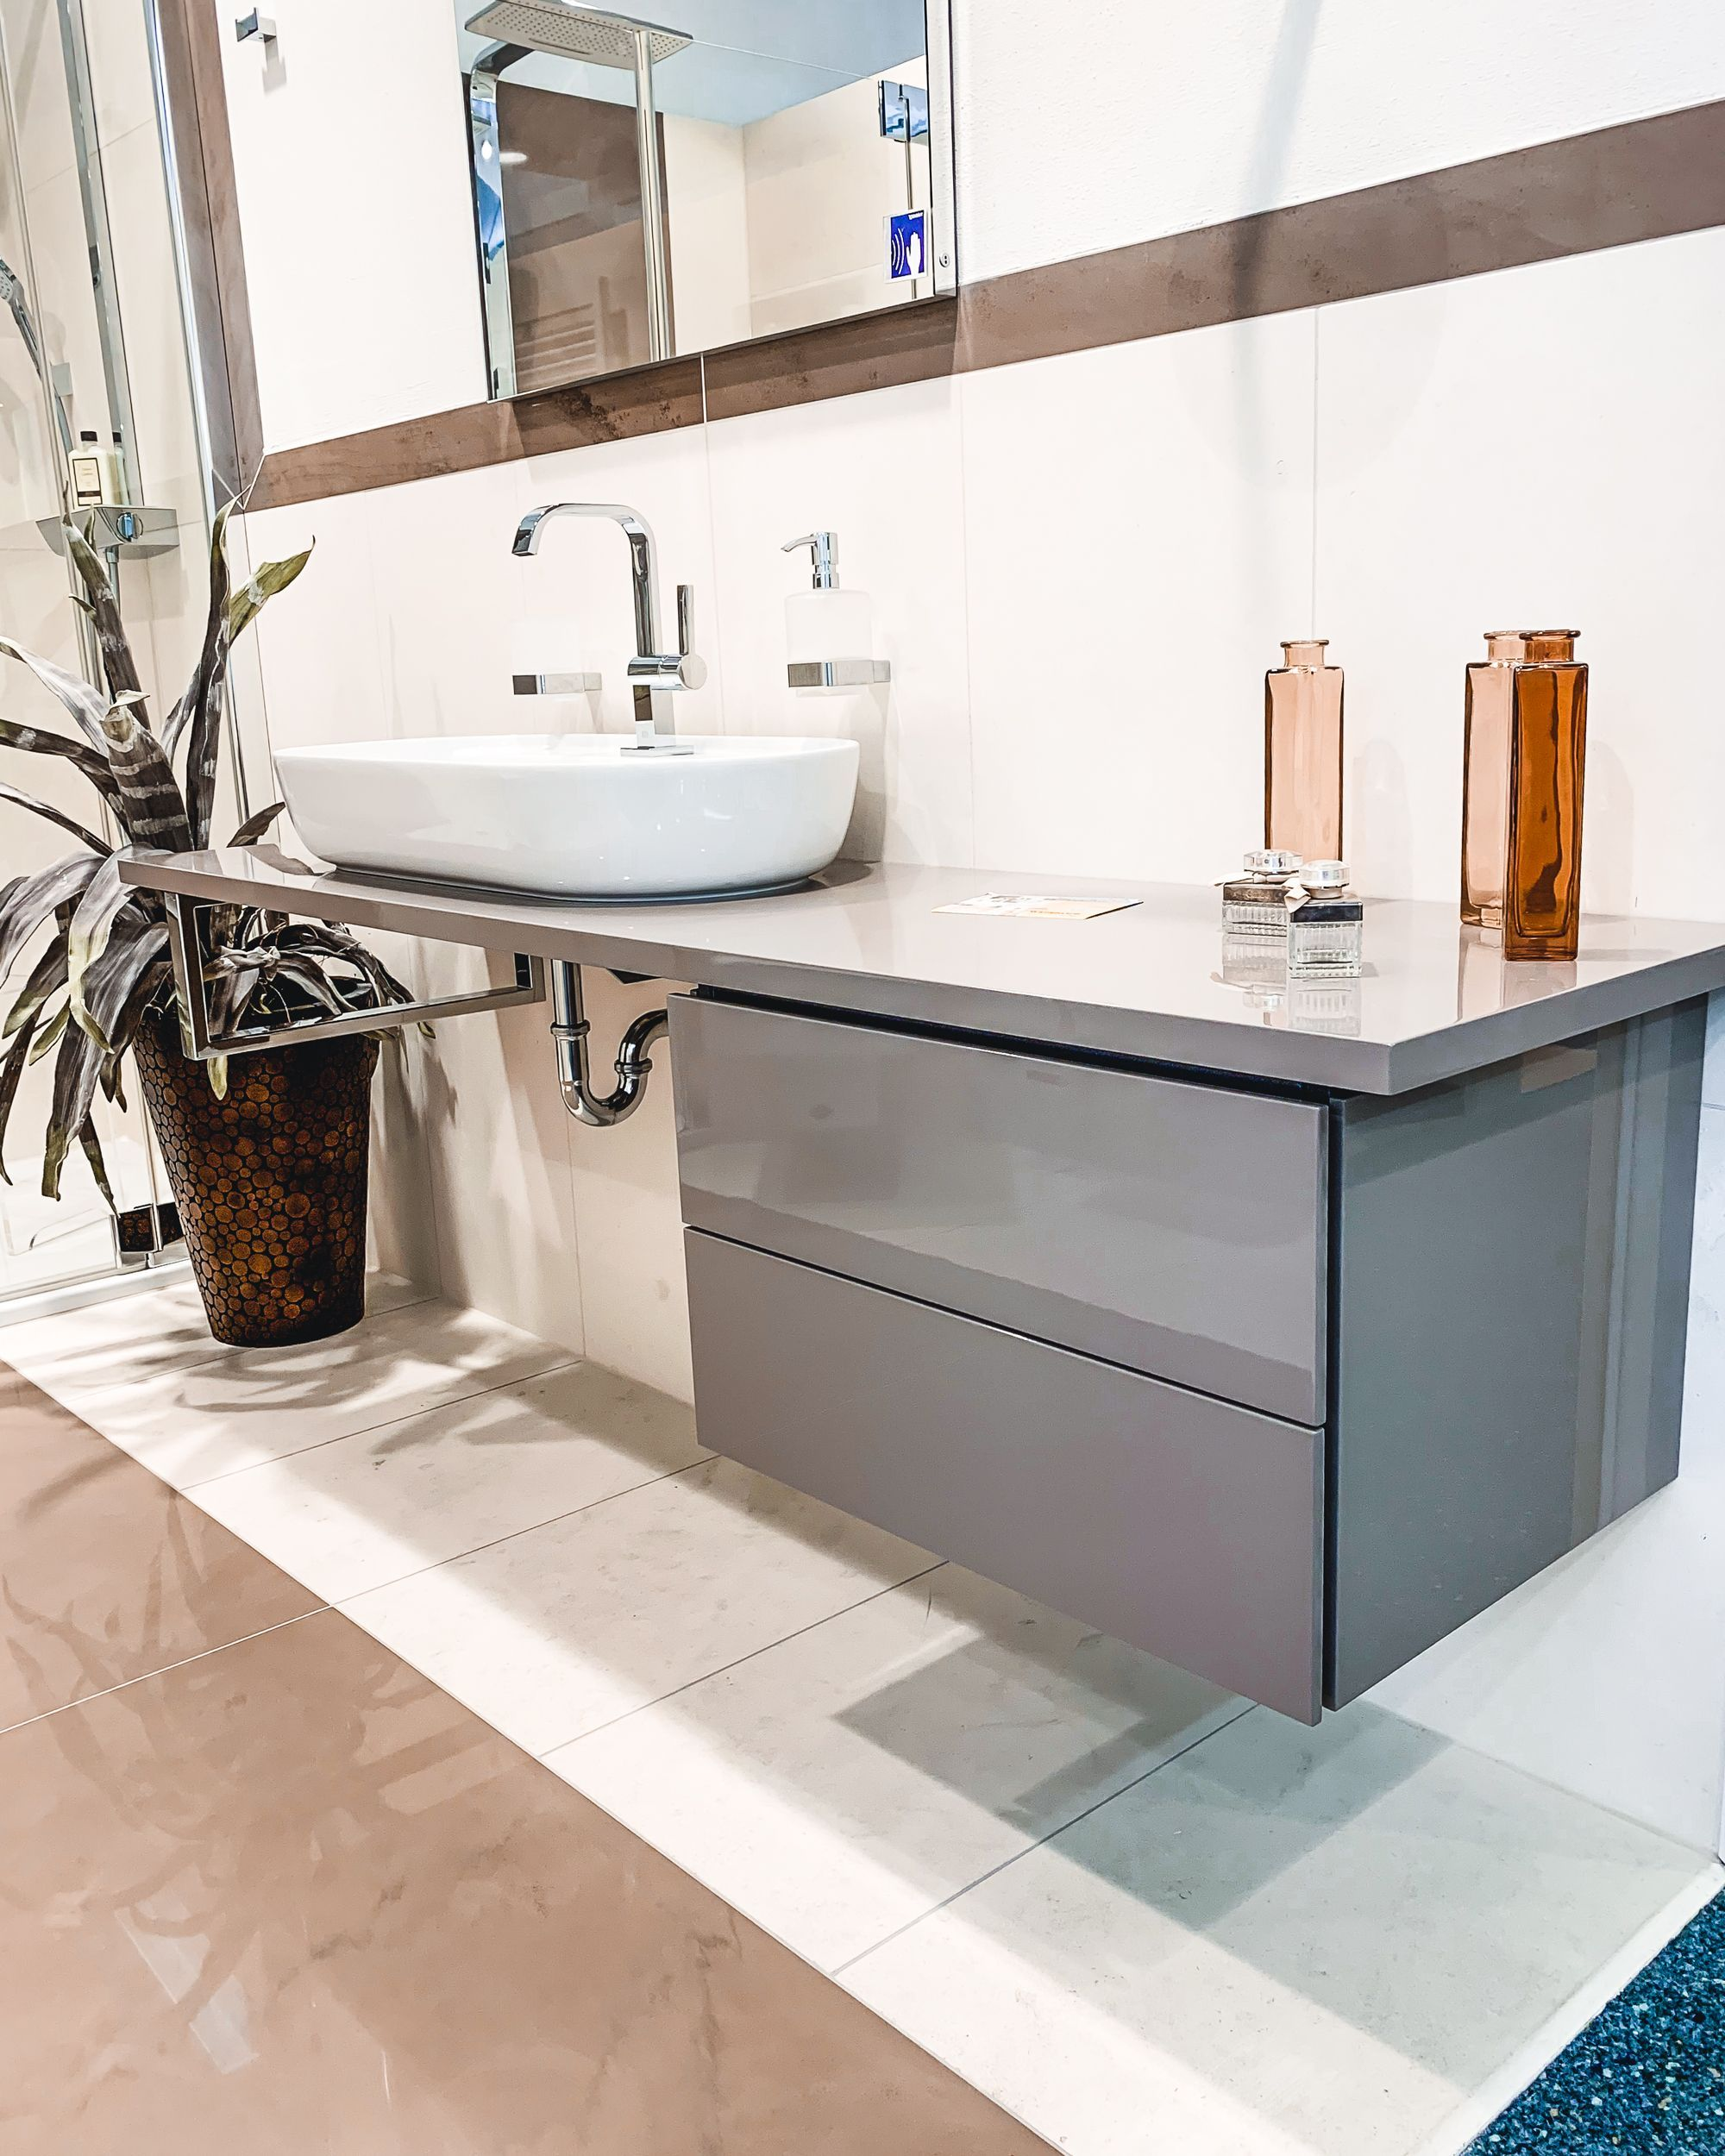 Moderne Aufsatzbecken Werden Von Immer Mehr Kunden Gewunscht Du Mochtest Wissen Welche Art Von Was In 2020 Neues Badezimmer Badezimmer Design Aufsatzbecken